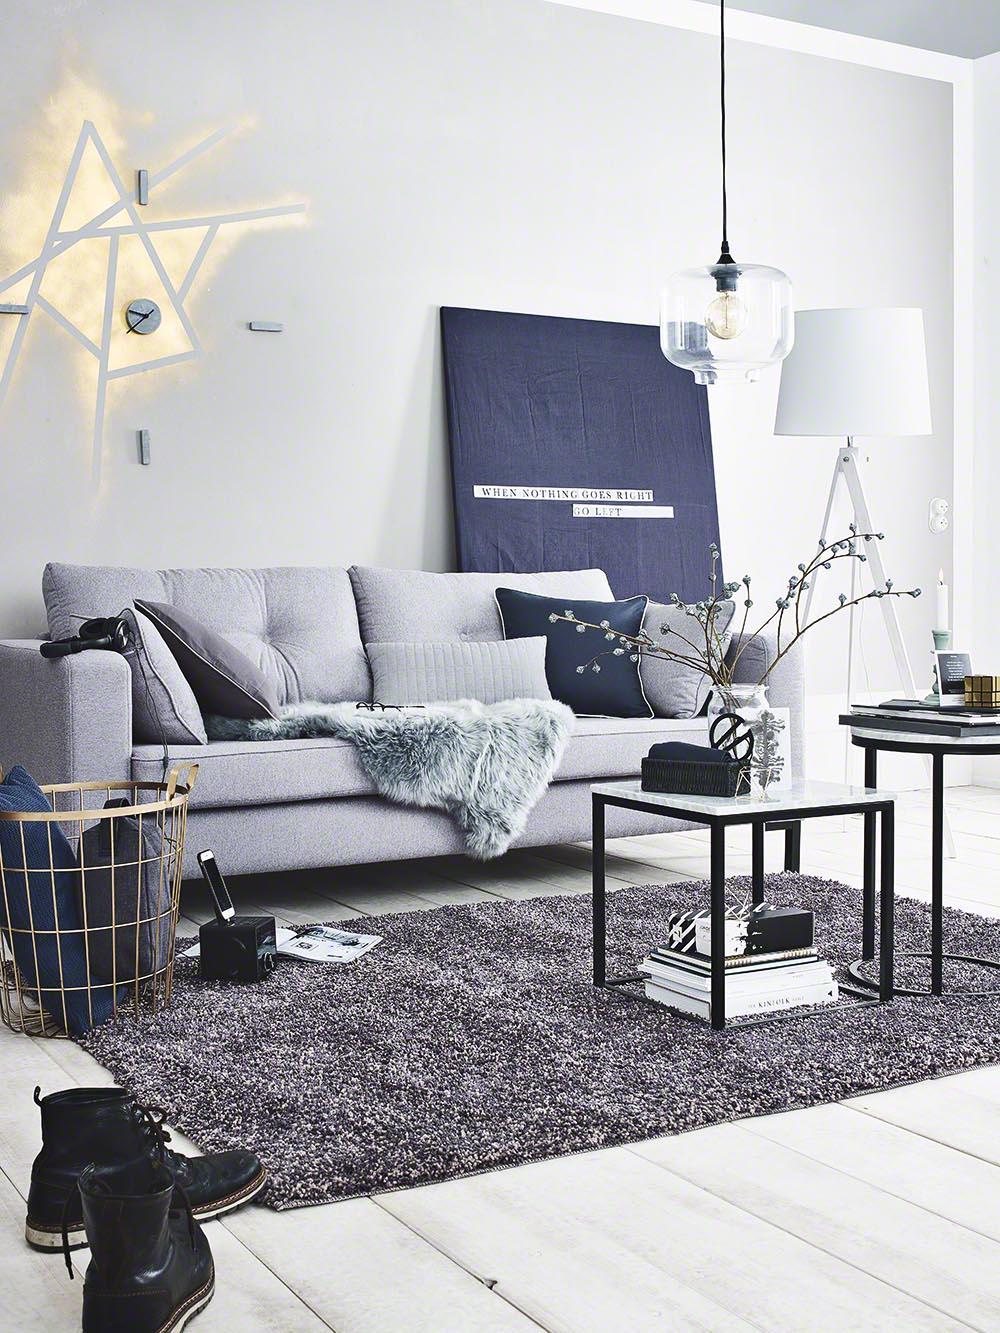 Fesselnd Interior Und Lifestyle Fotografie Für DEPOT   Modern Eingerichtete Wohn   Und Schlafzimmer